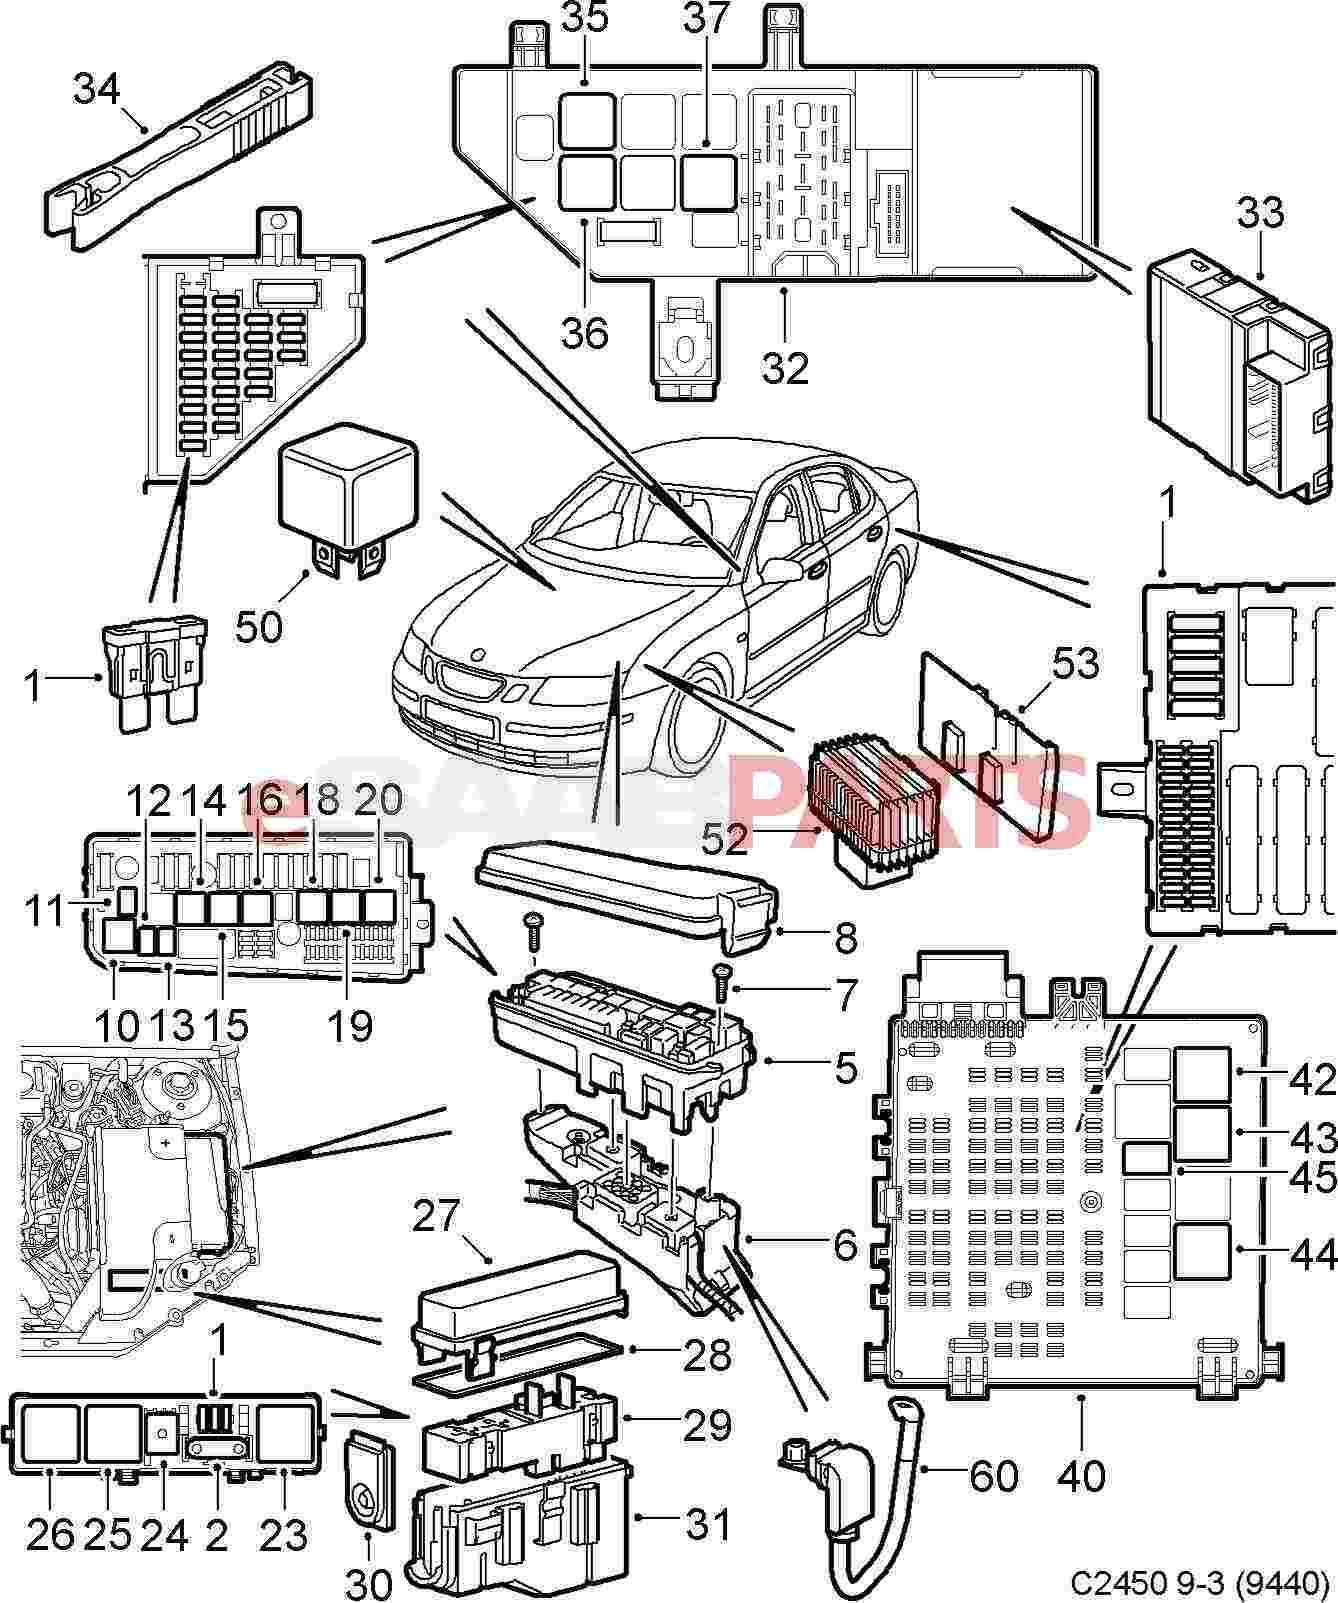 wiring diagram saab 9 3 2005